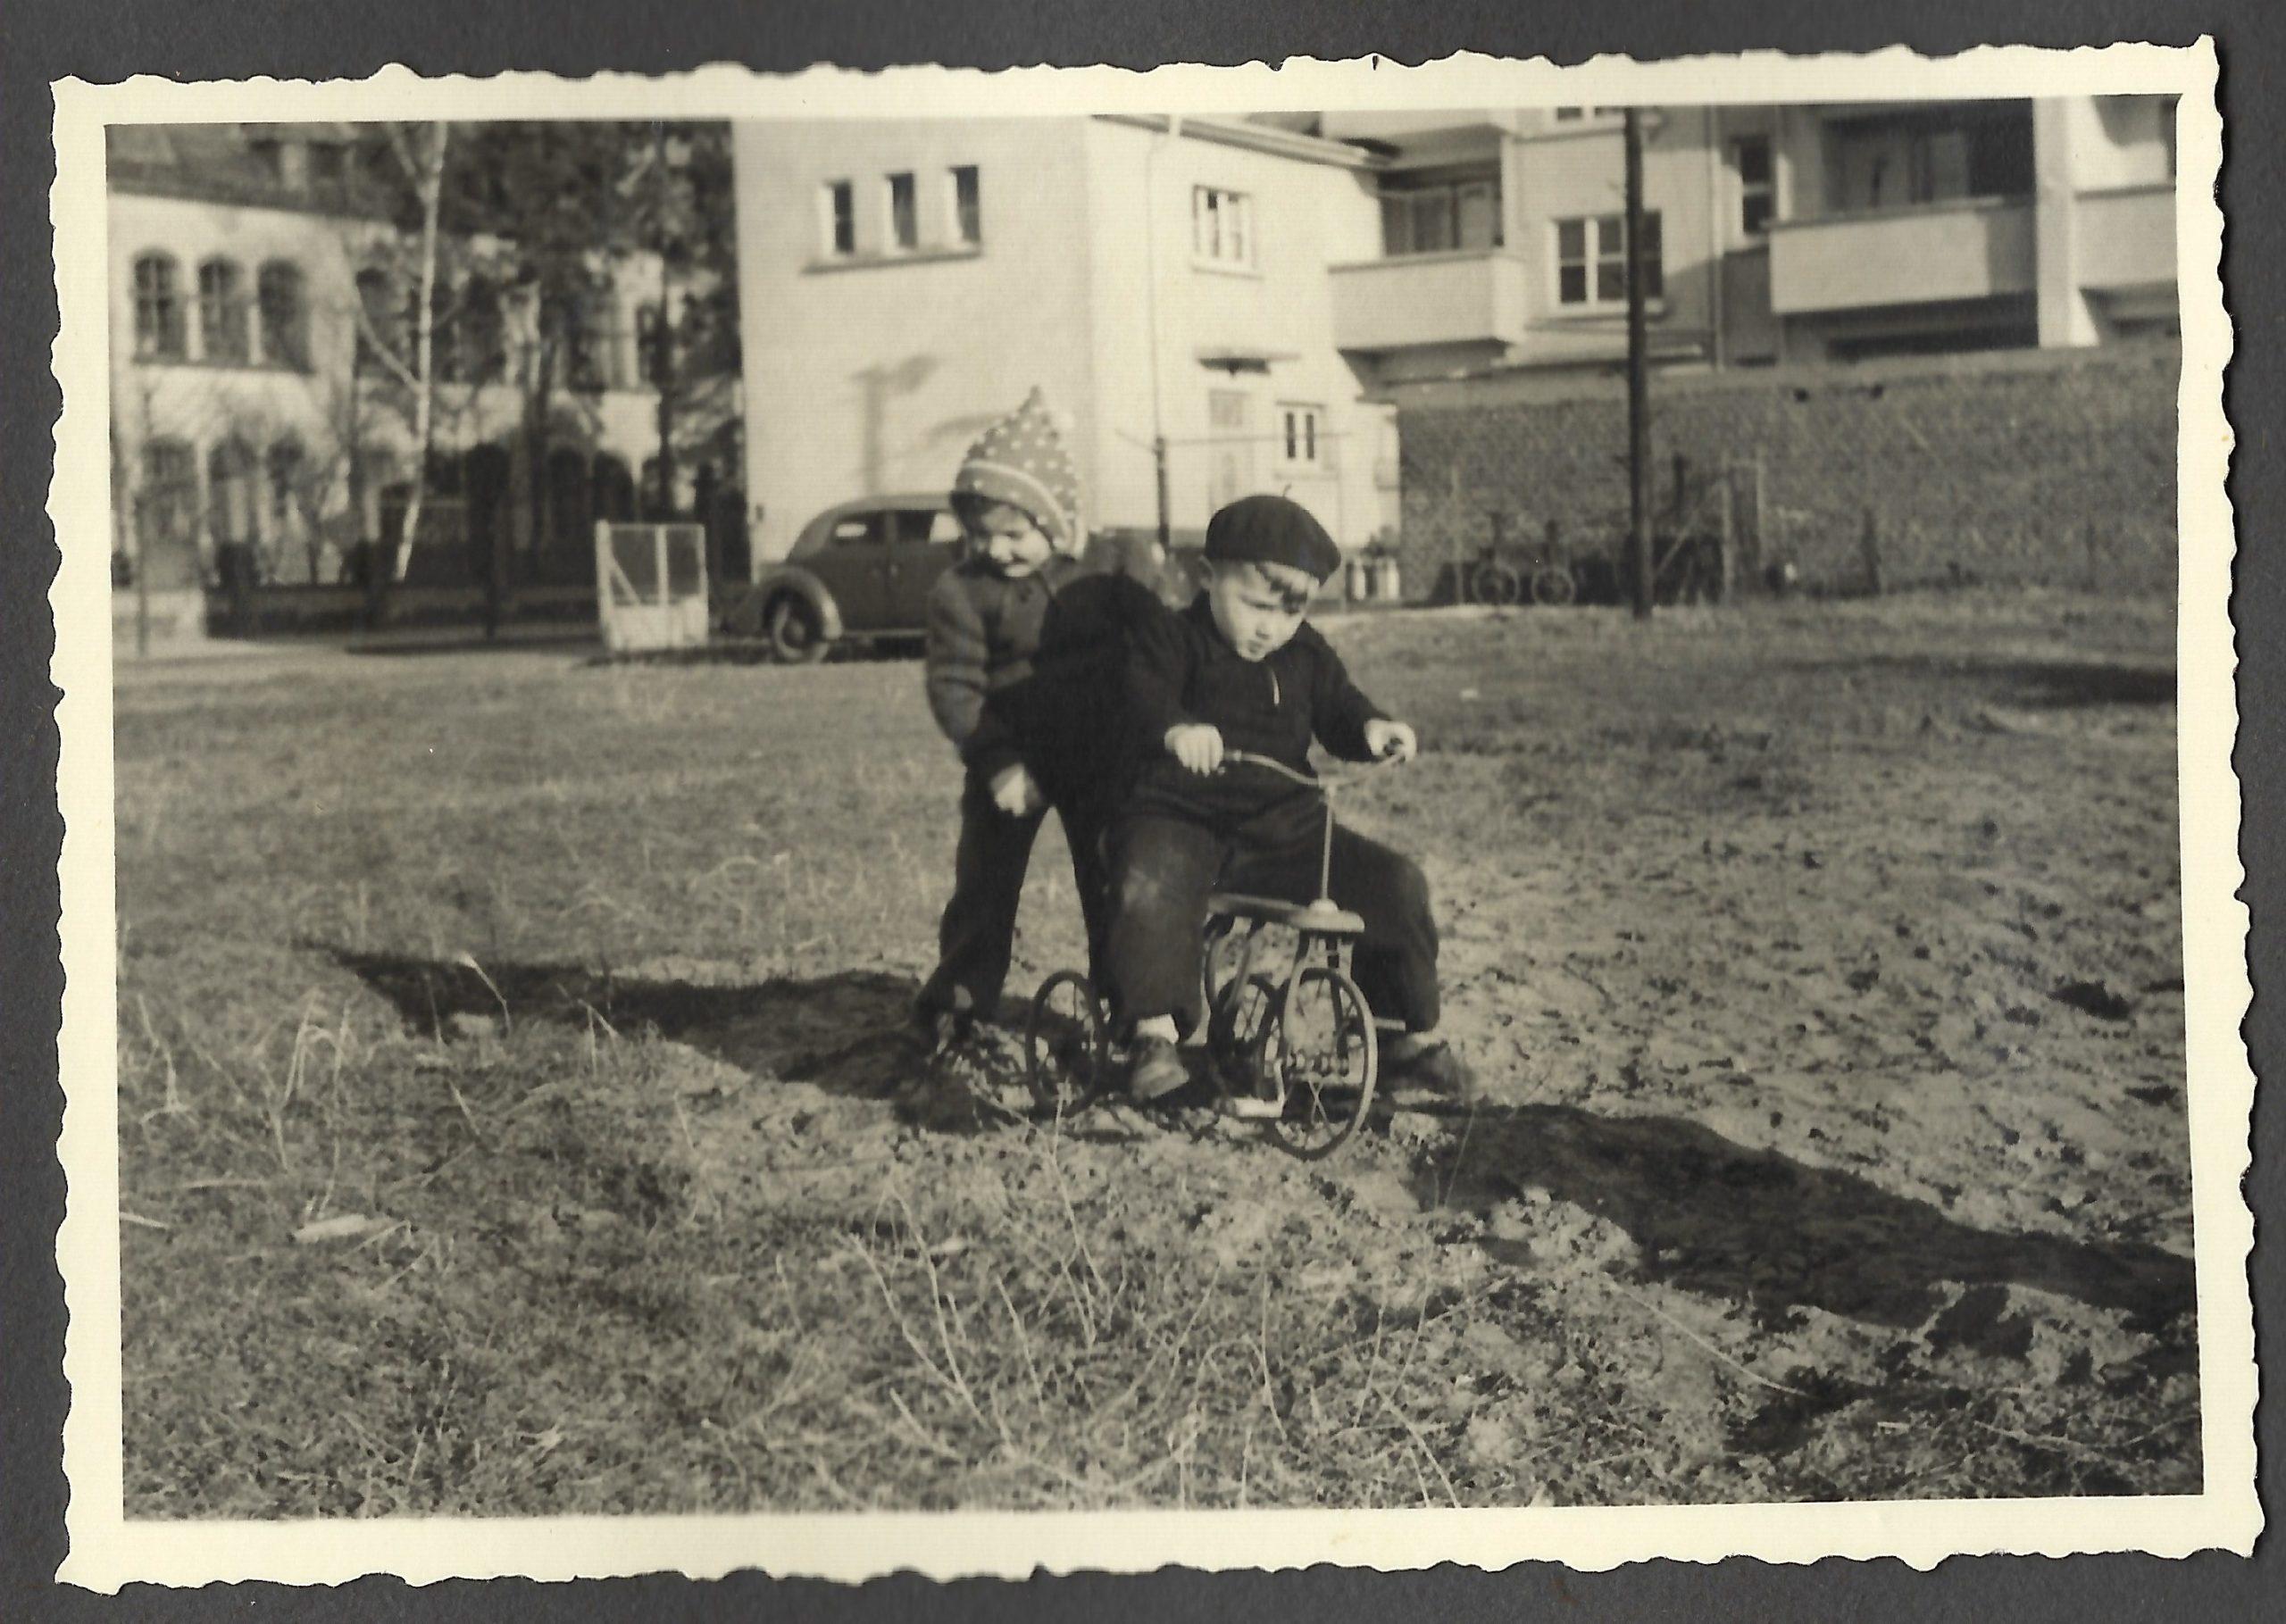 Geschichte der Postsiedlung: Viele bisher unbekannte Fotos entdeckt!